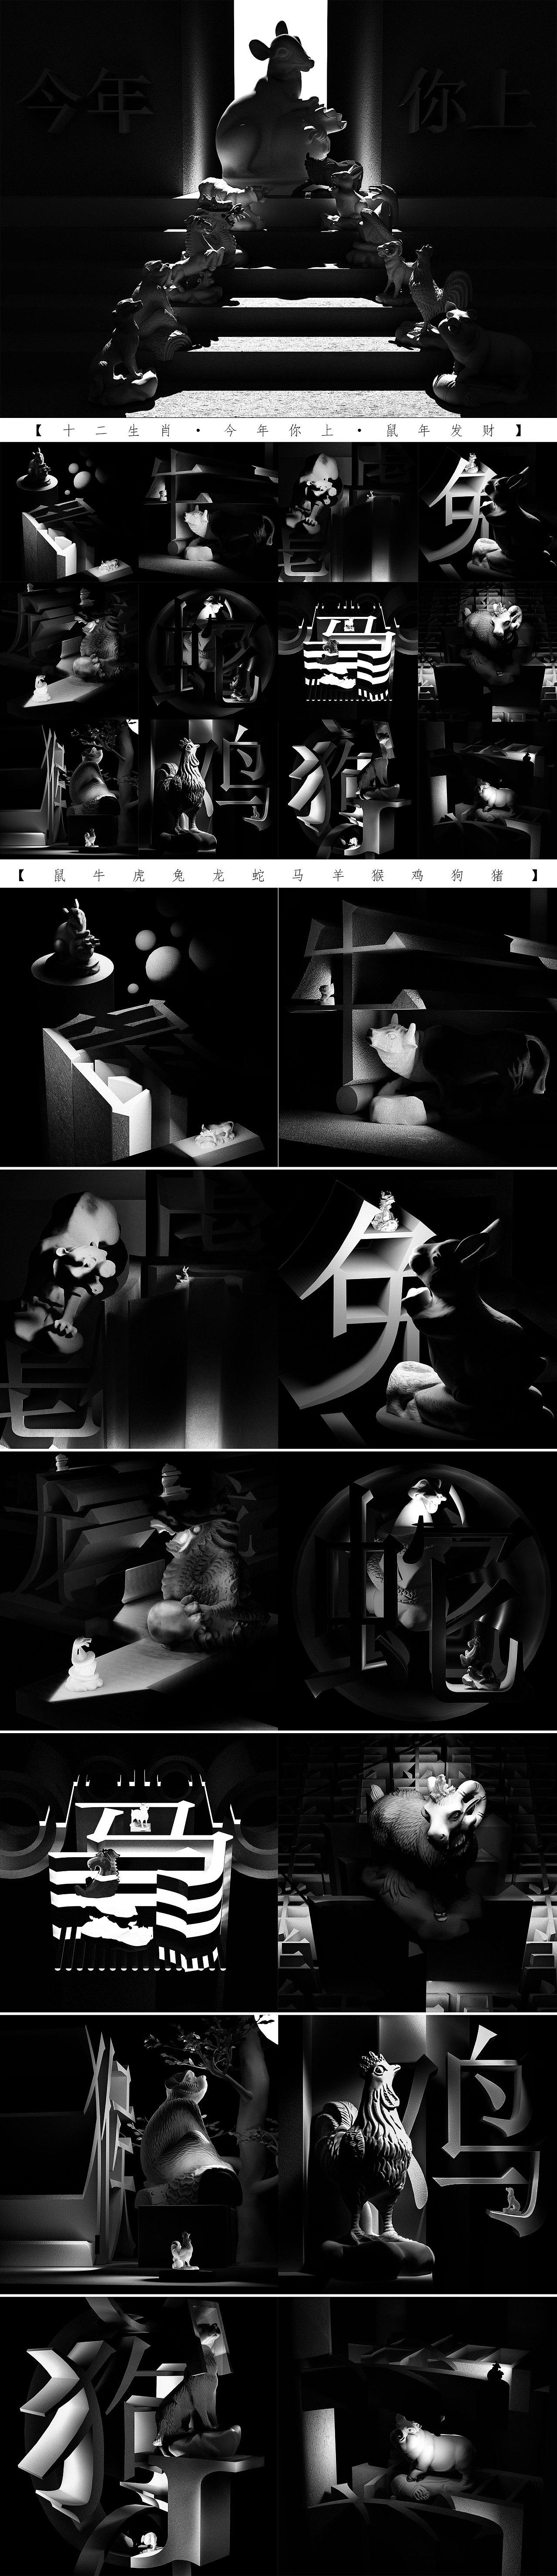 【十二生肖·今年你上·鼠年发财】图片